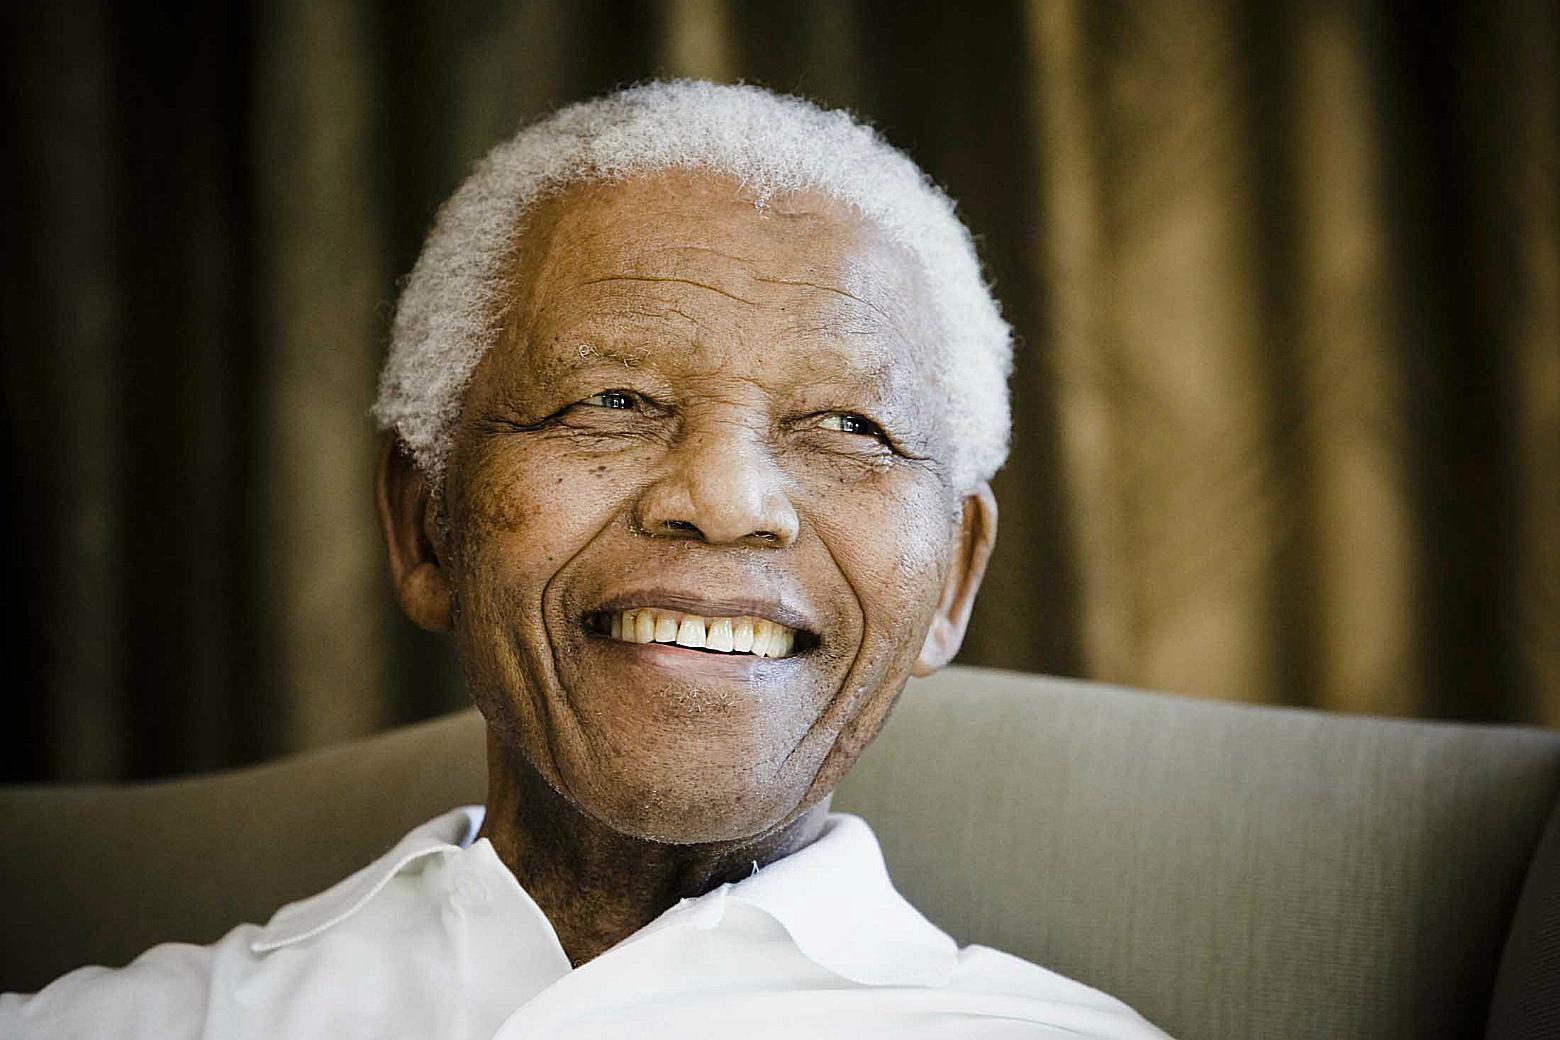 Inspirational Nelson Mandela Quotes